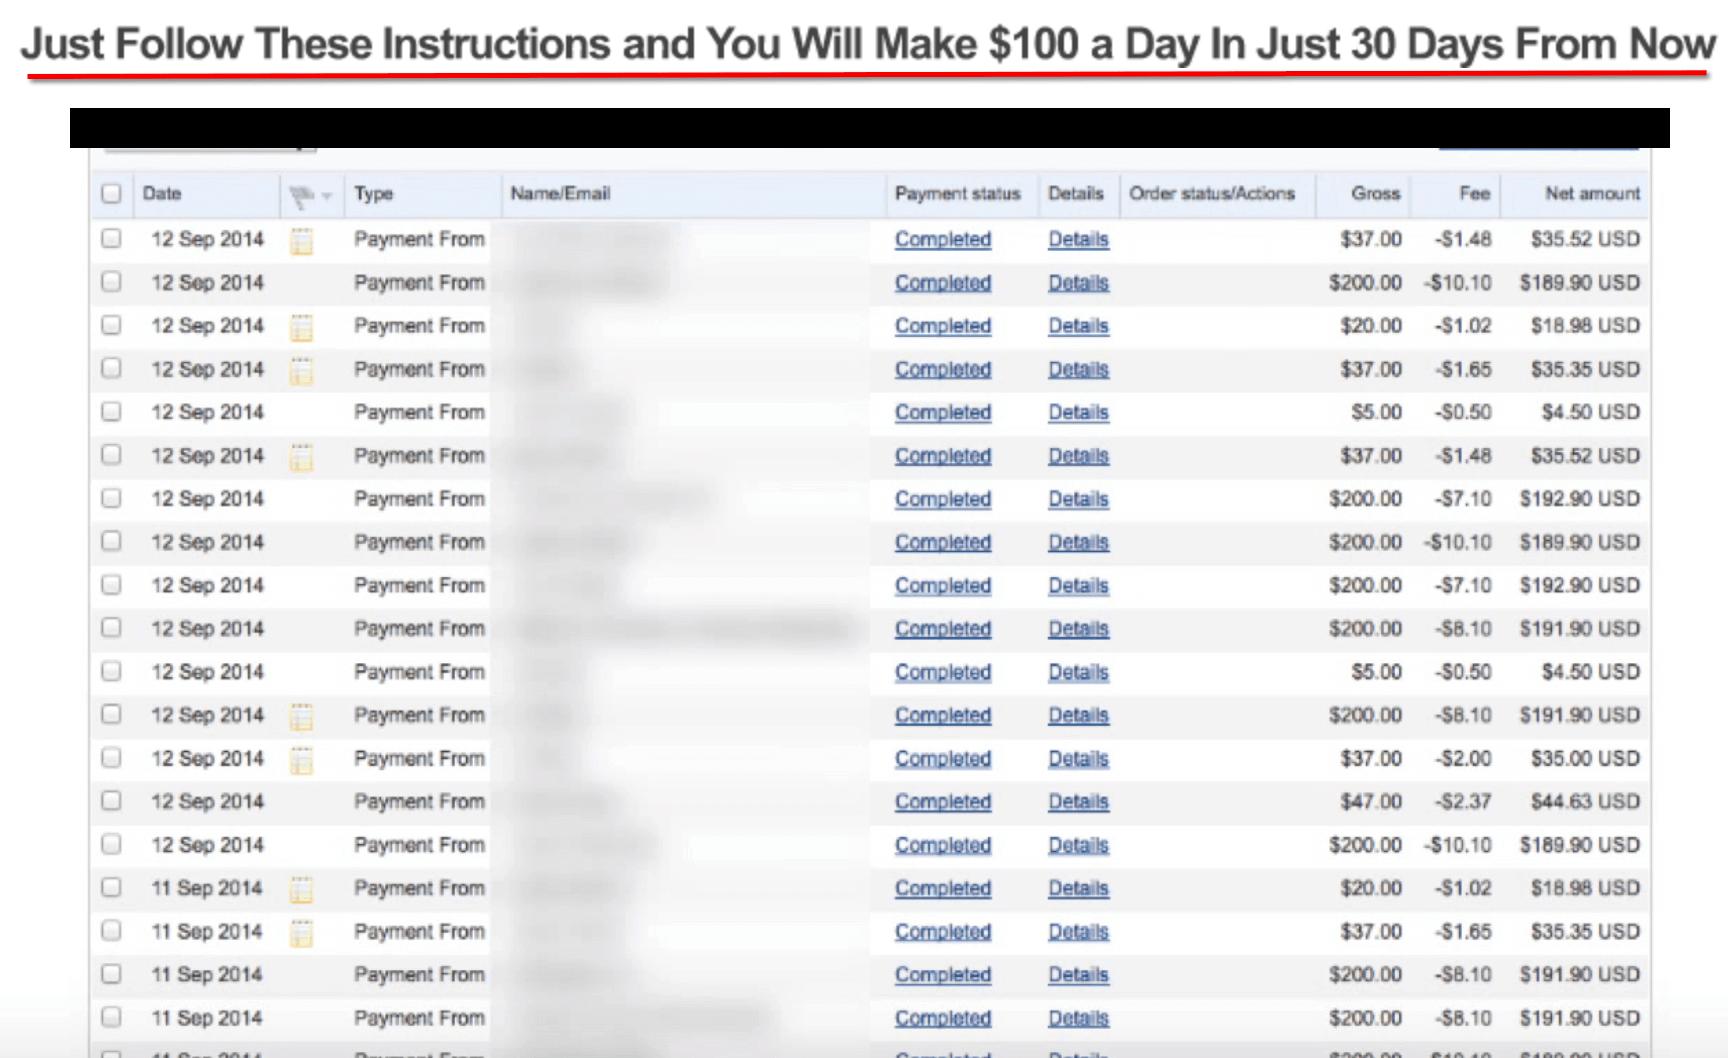 $100-per-day